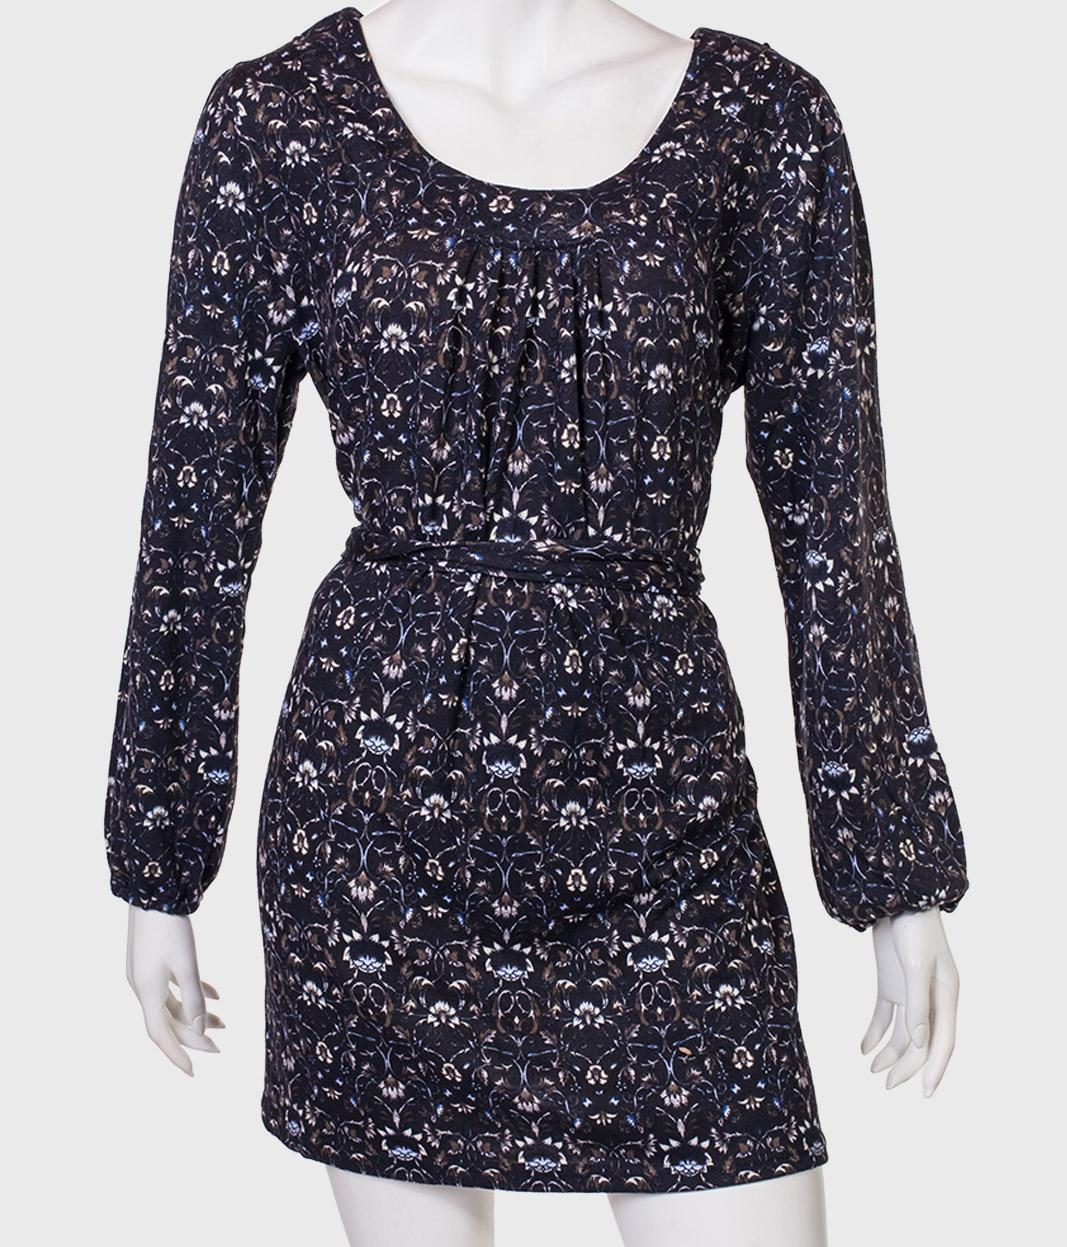 Купить изящное платье с пояском от бренда QET London